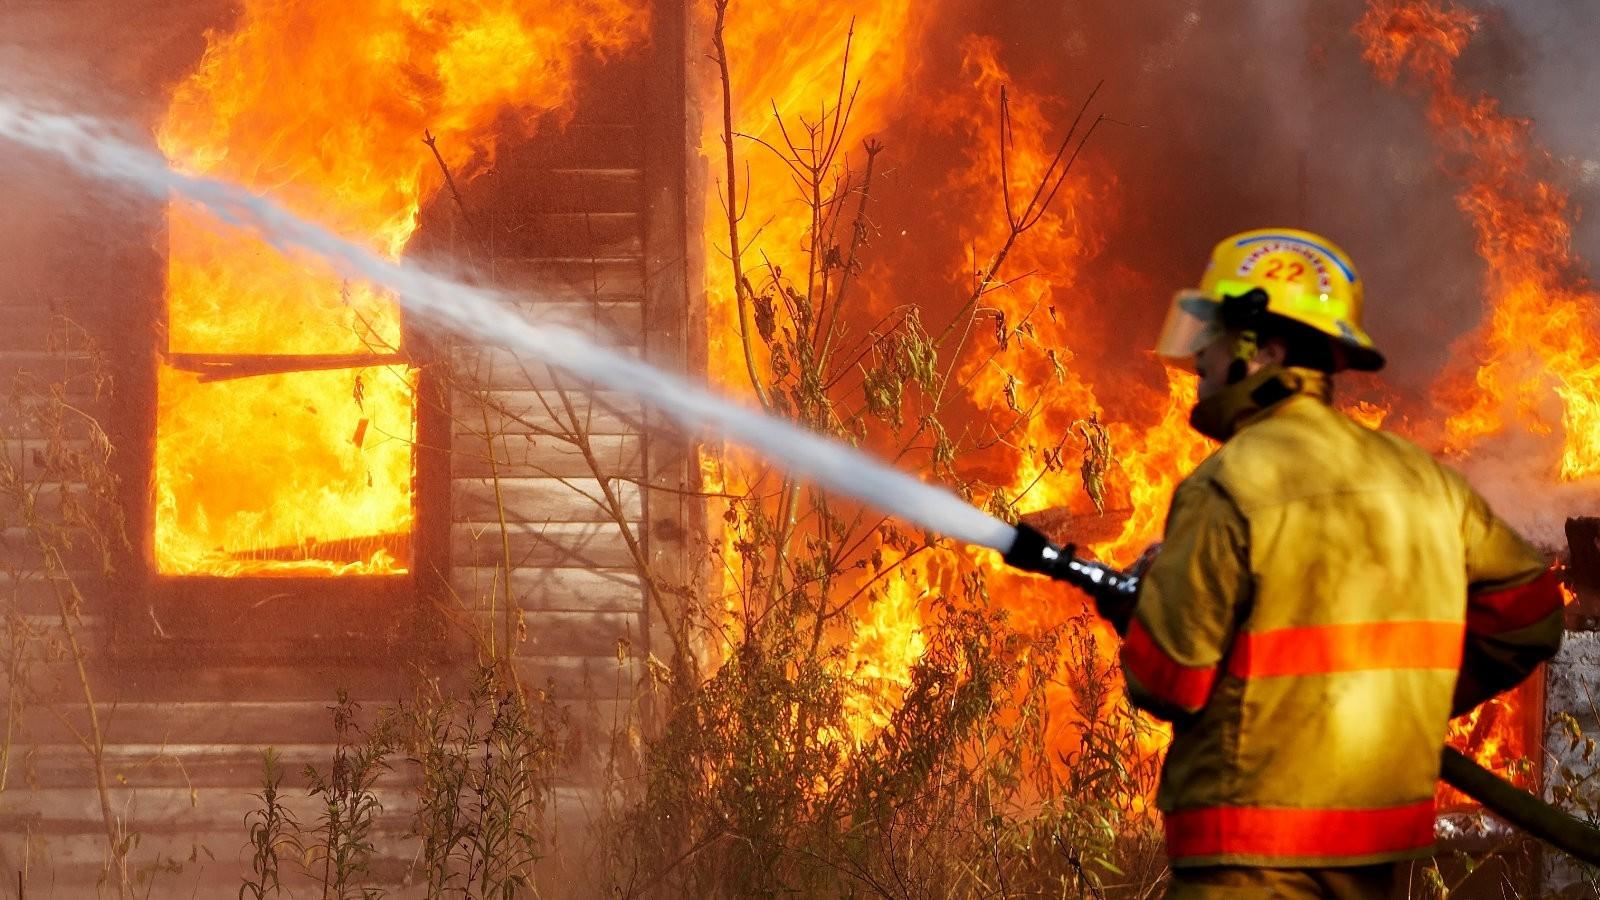 В Лодейном поле горел частный дом. Есть погибший